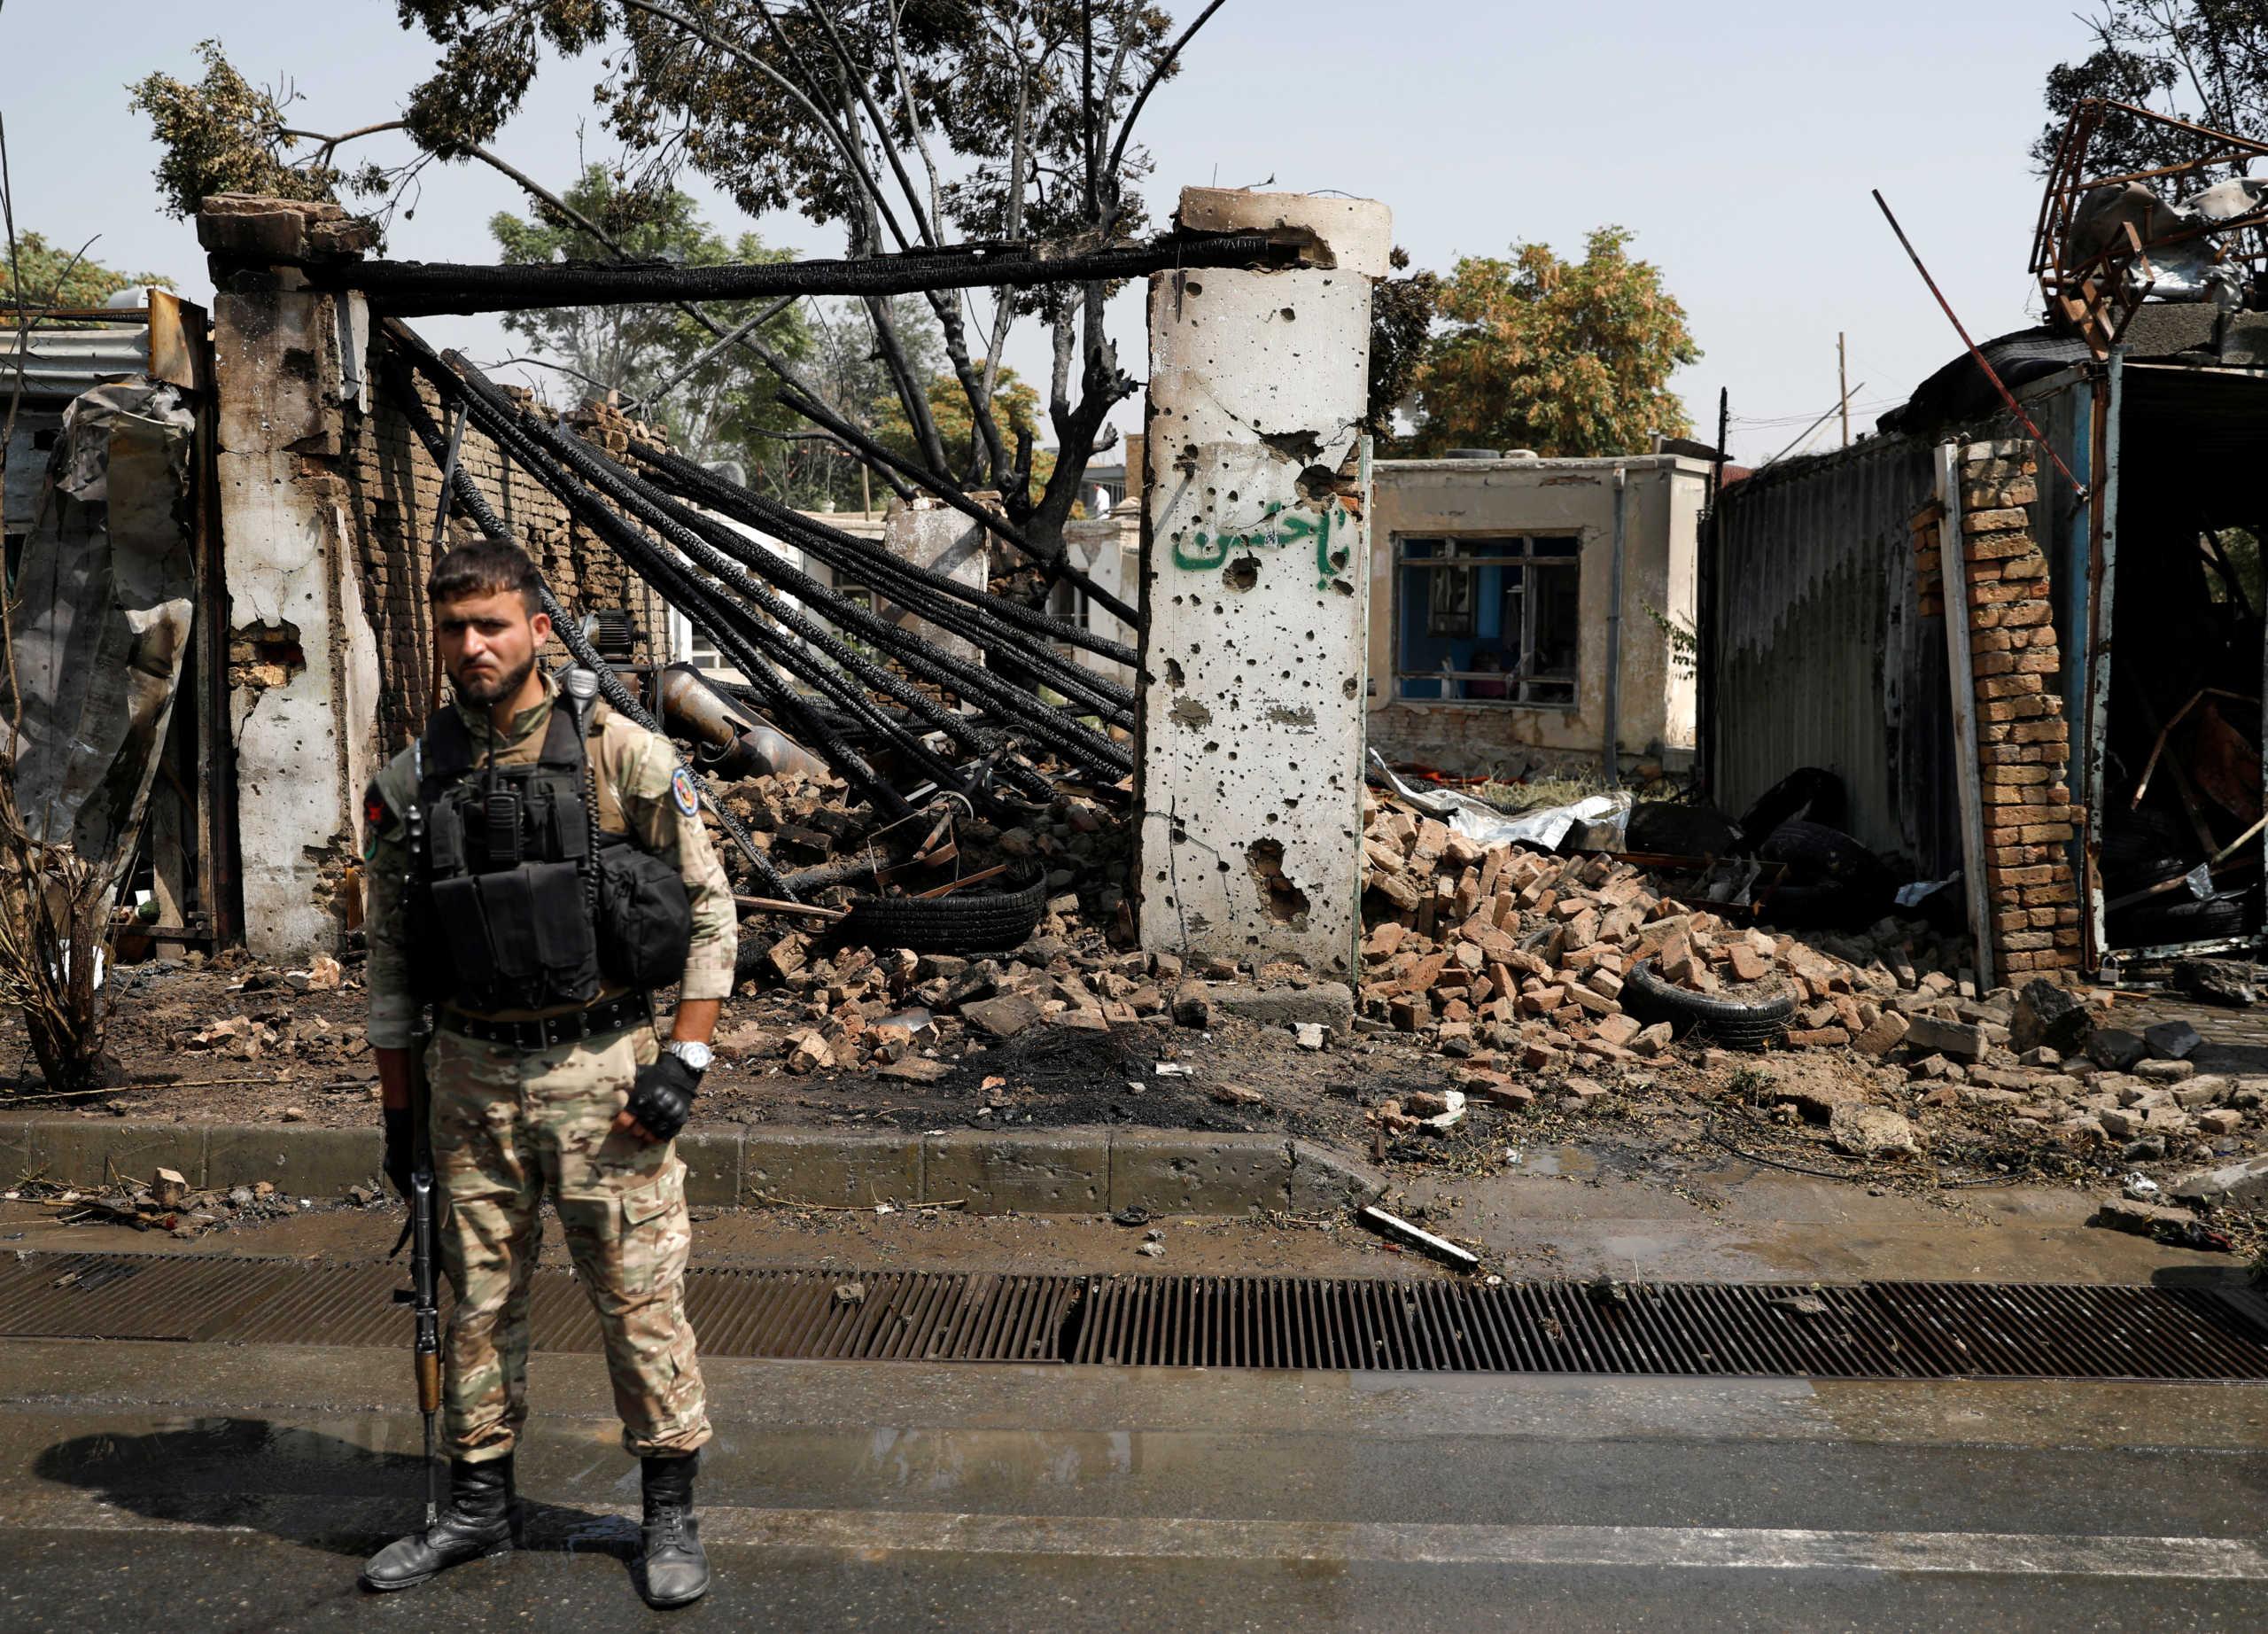 Αφγανιστάν: Νέο αιματοκύλισμα με τουλάχιστον 15 παιδιά νεκρά μετά από έκρηξη